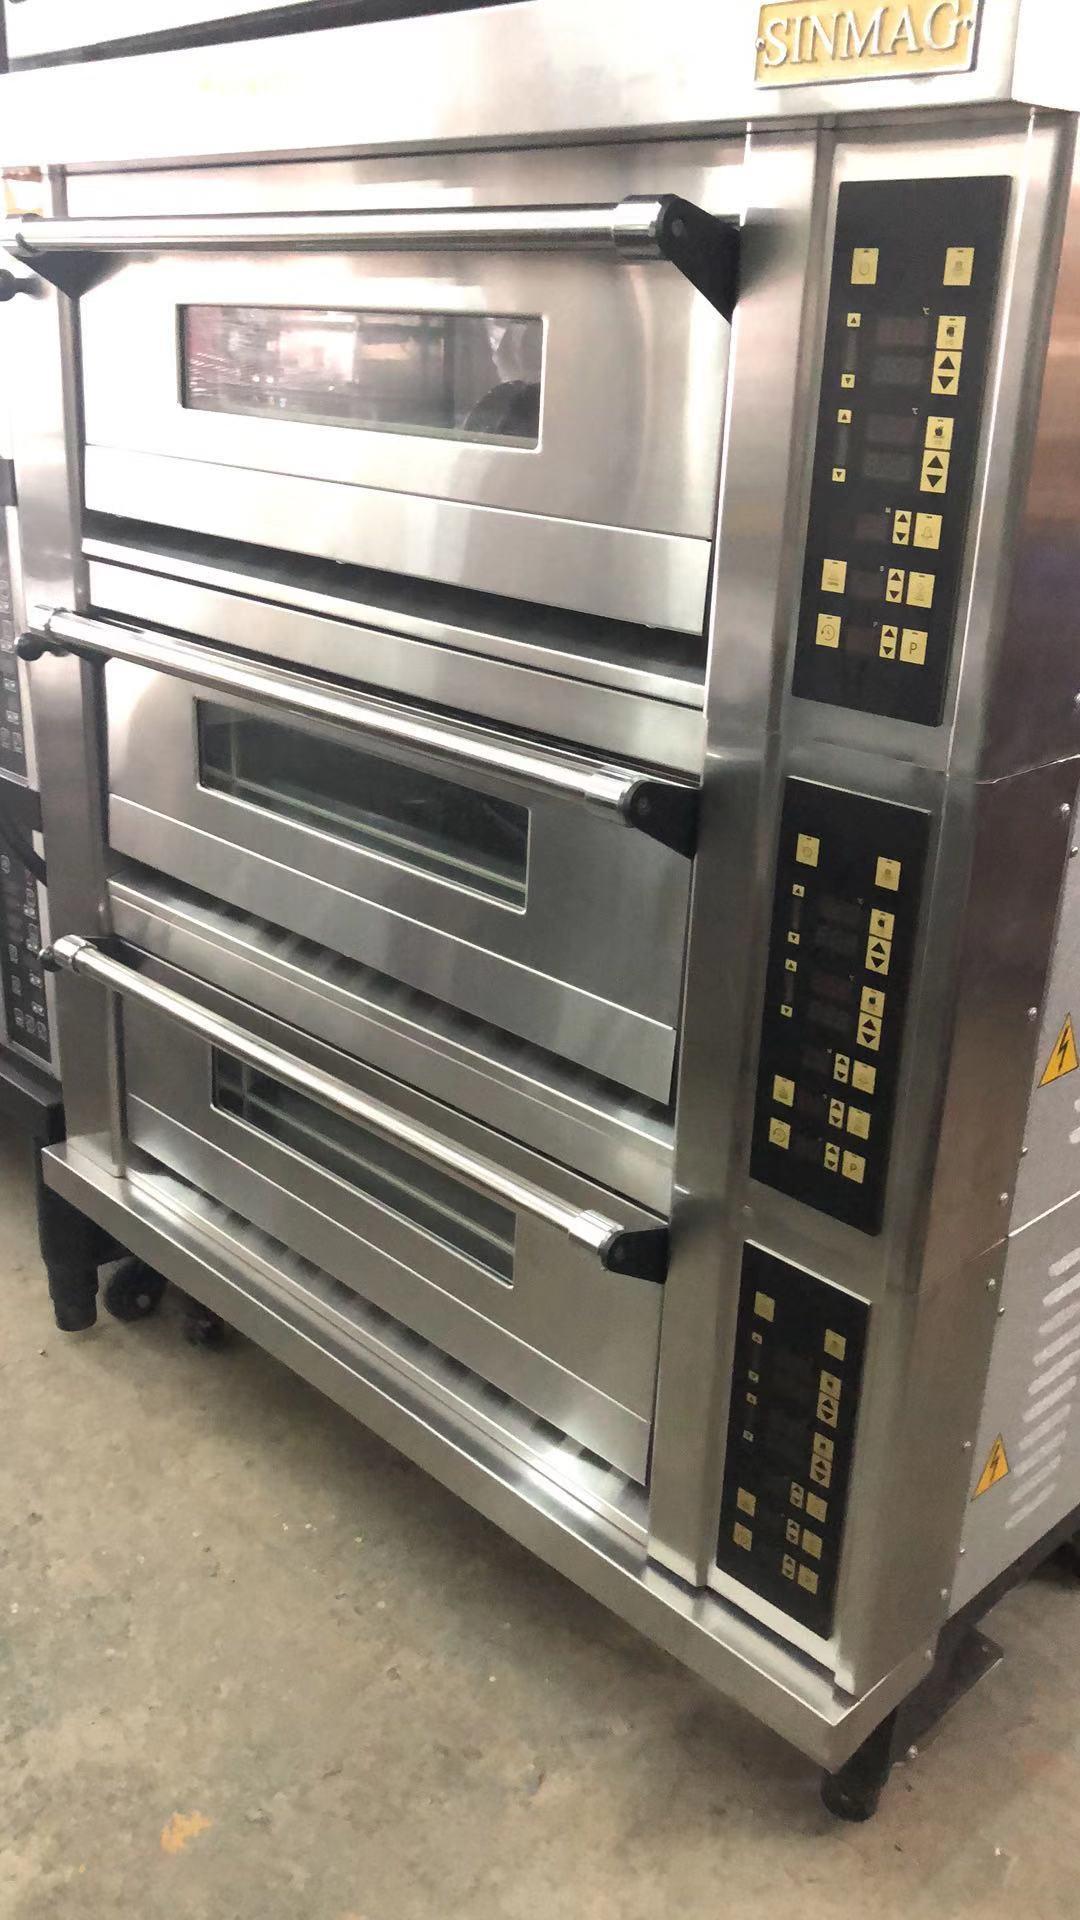 批发面包烤箱机价格 推荐咨询「深圳市轩记机械贸易供应」图片